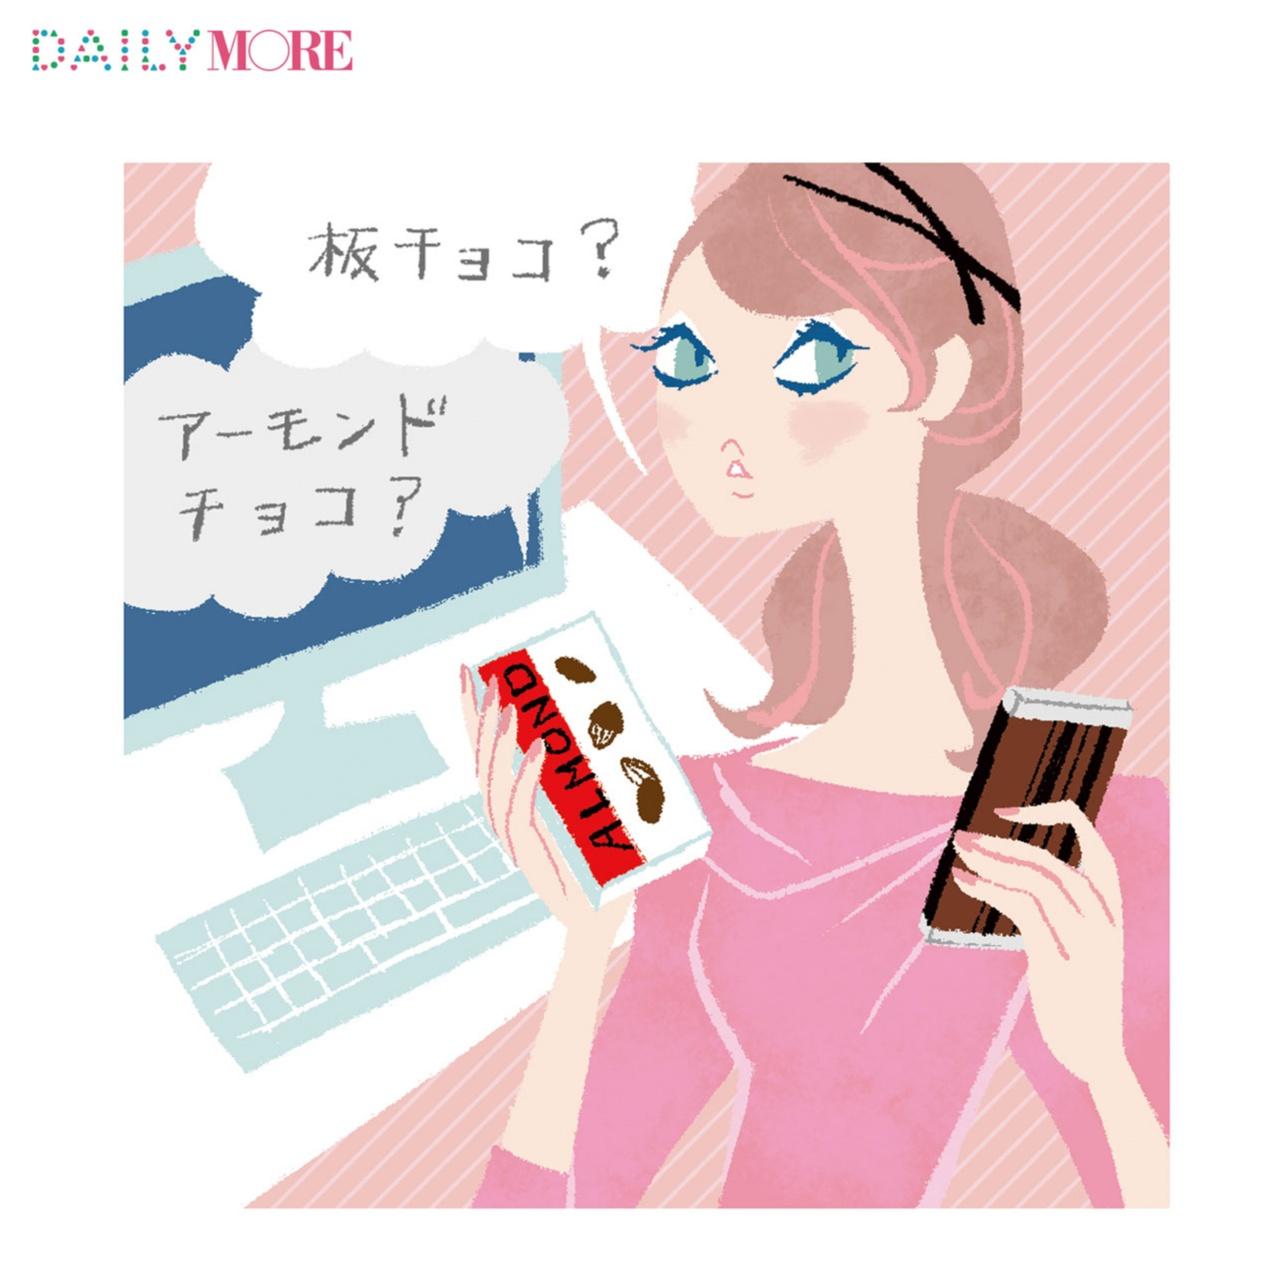 チーズケーキvsシュークリーム、板チョコvsアーモンドチョコ、「太らないのはどっちでSHOW!」~スイーツ編~_1